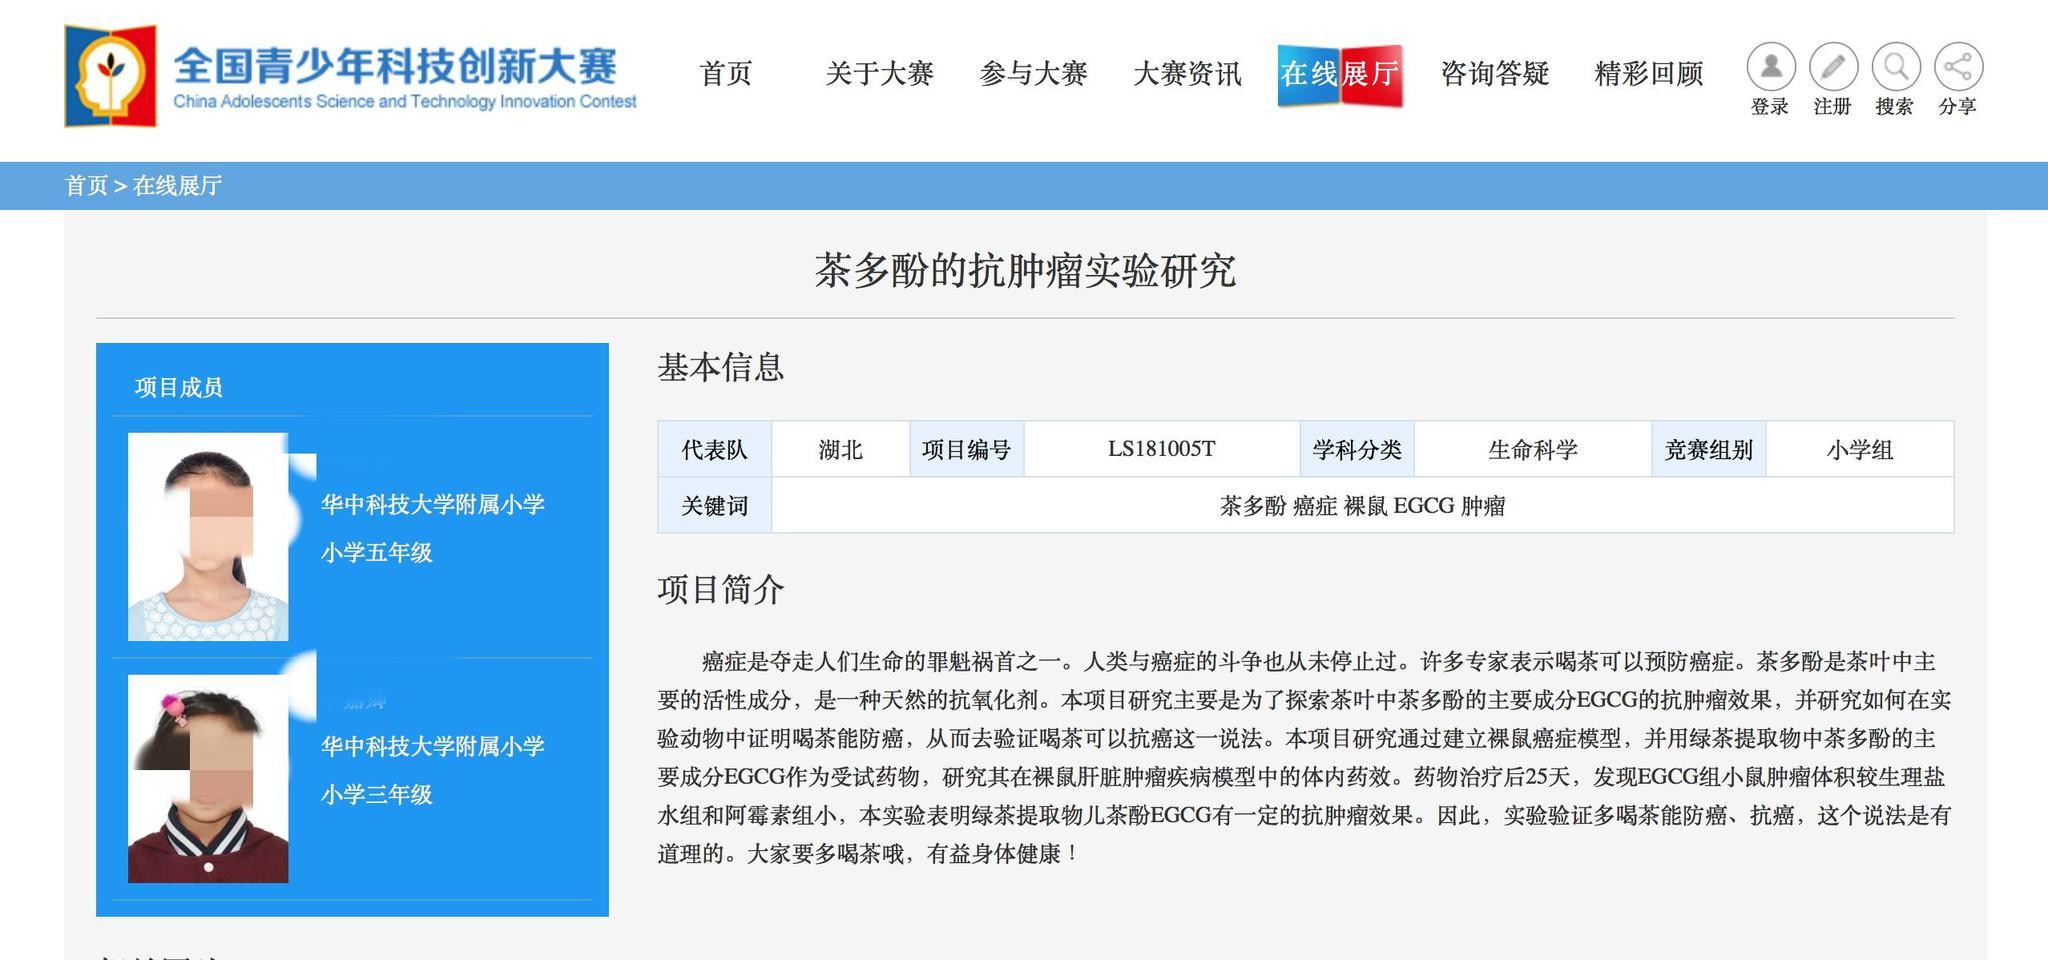 又2名小学生研究喝茶抗癌获奖 武汉科协:已介入调查